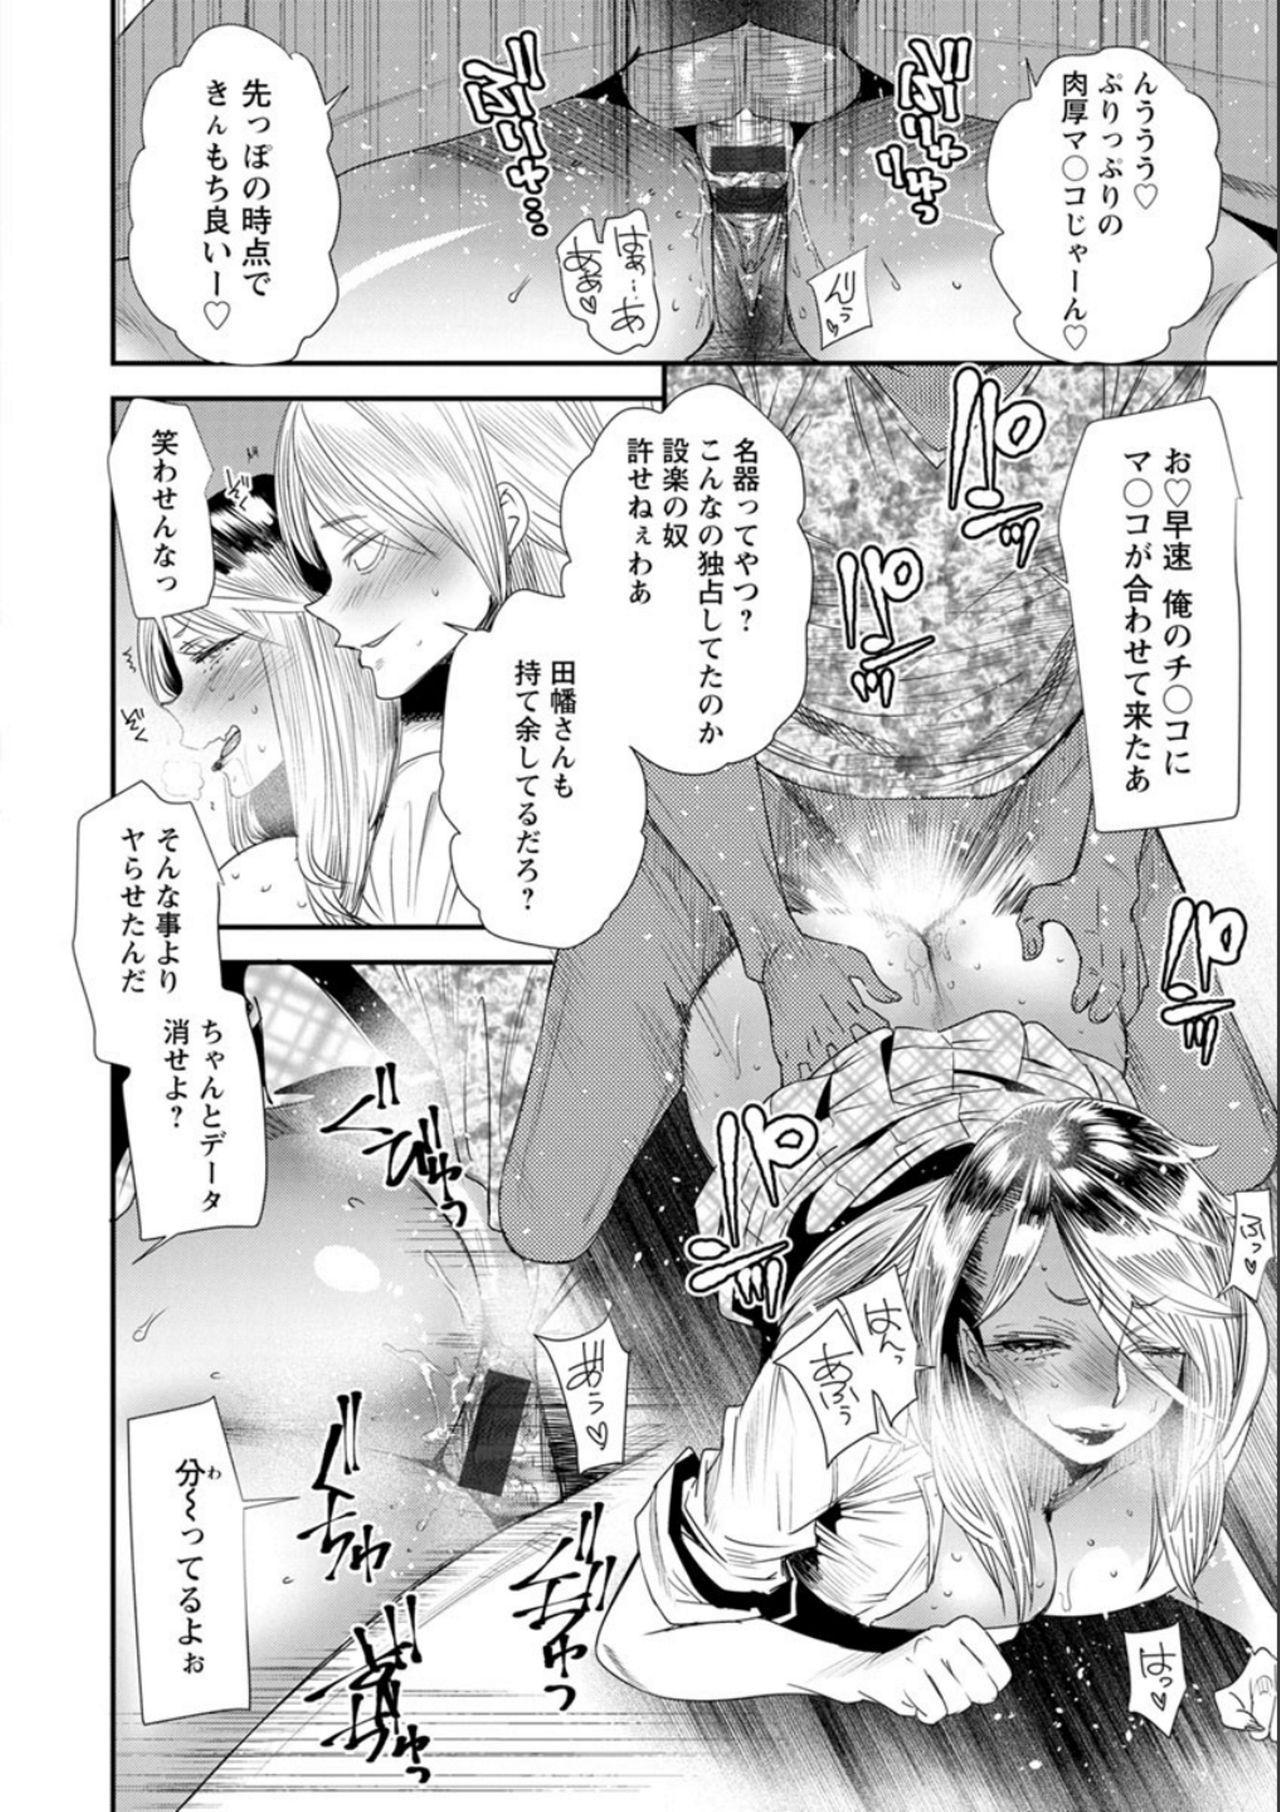 Nao's Secret 79